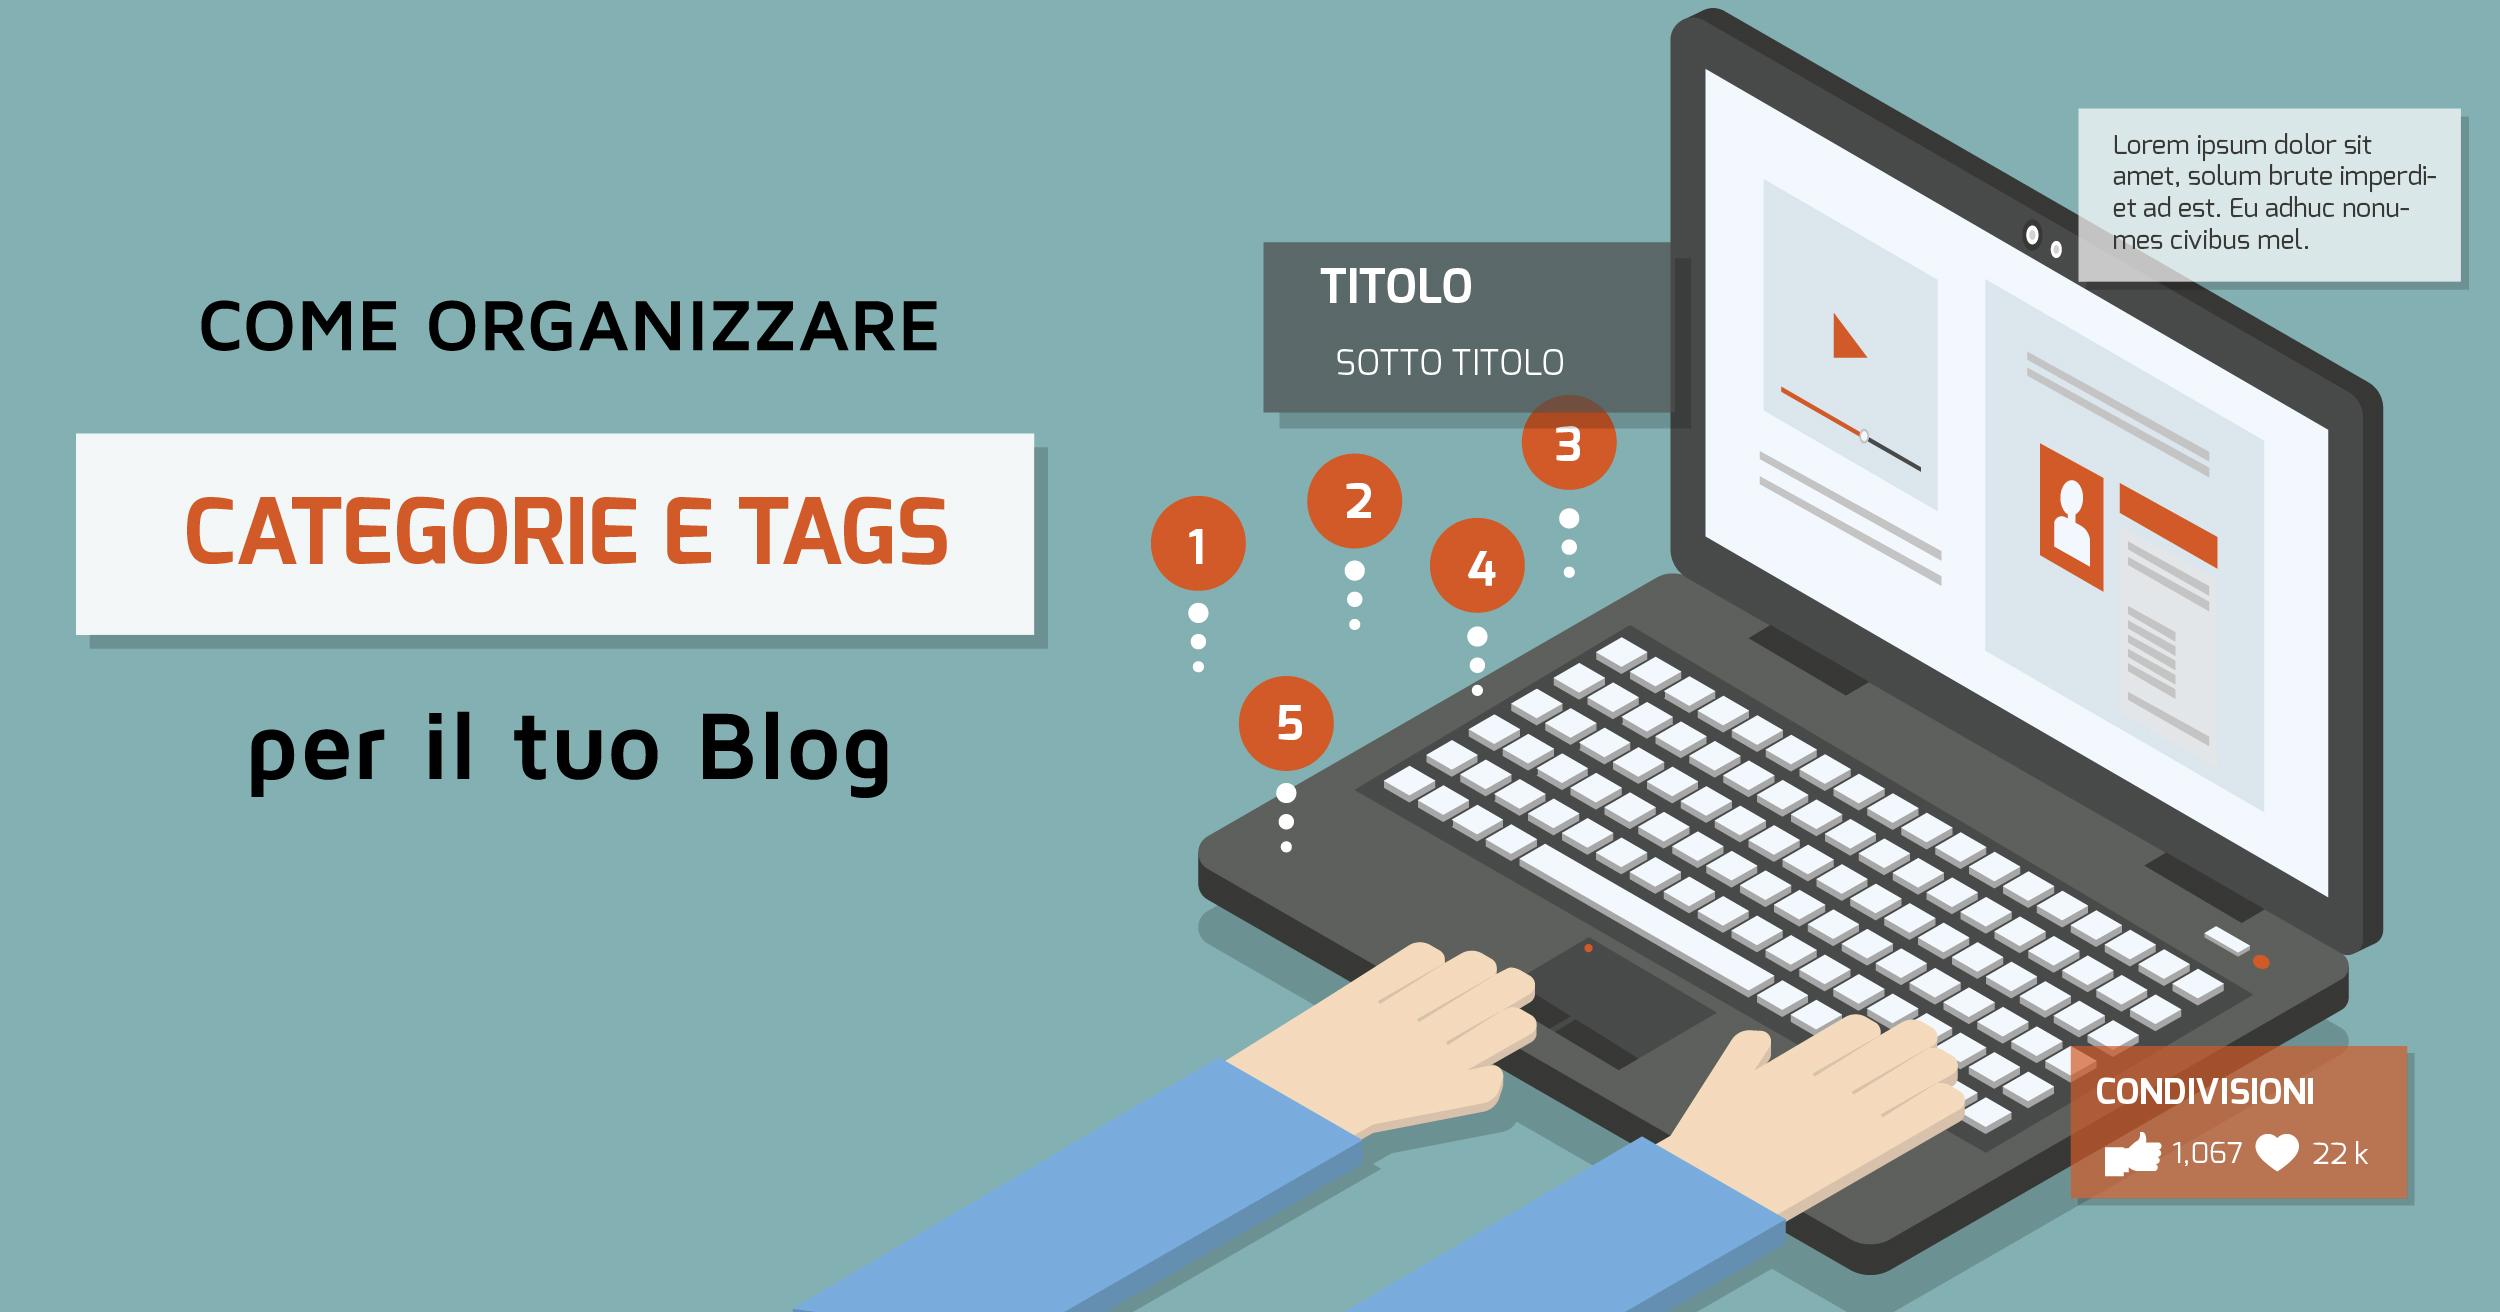 Organizzare al meglio categorie e tags per il tuo Blog